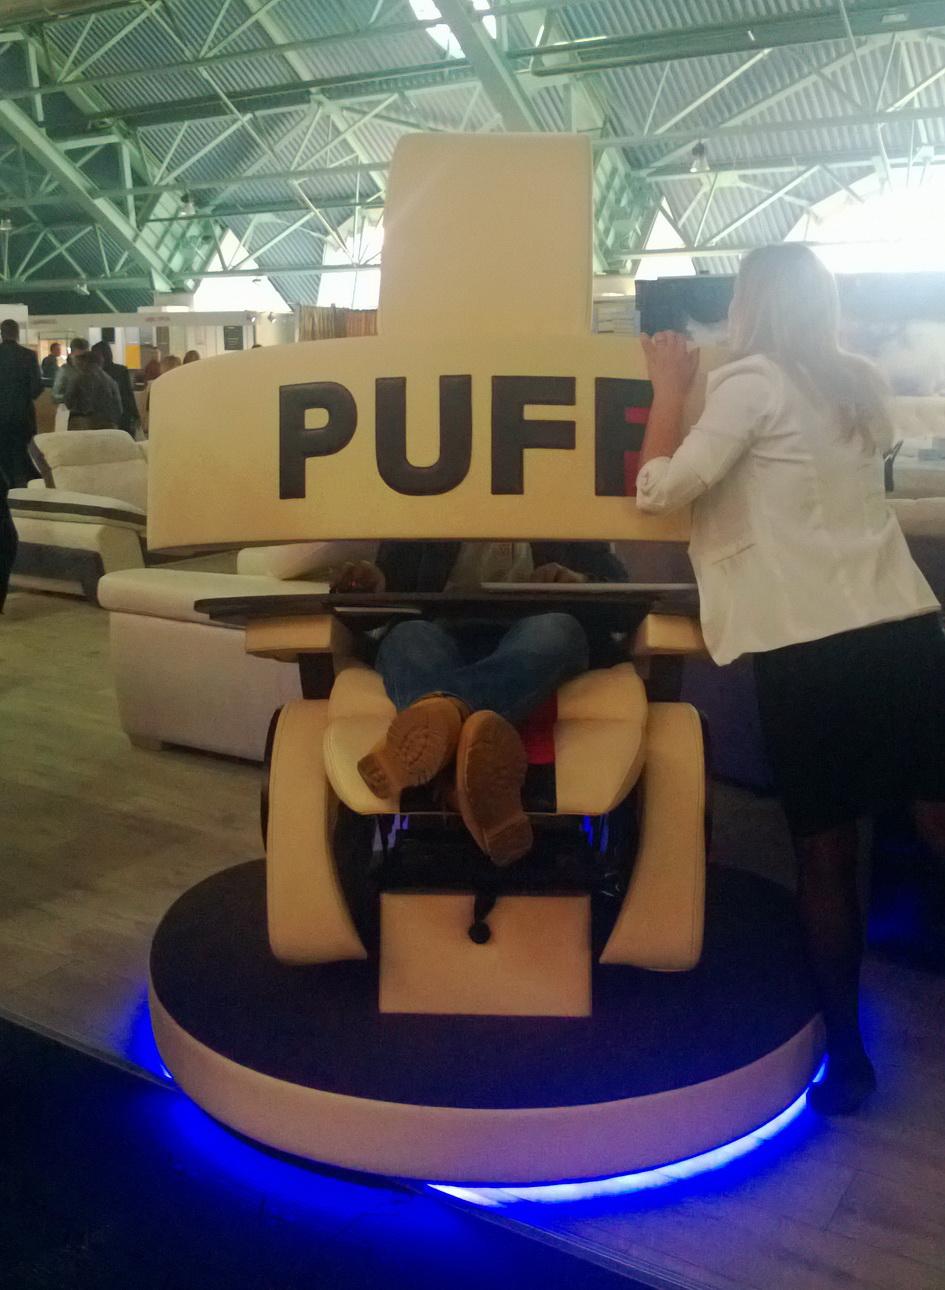 МЕБЕЛЬ 2015 - кресло PUFF